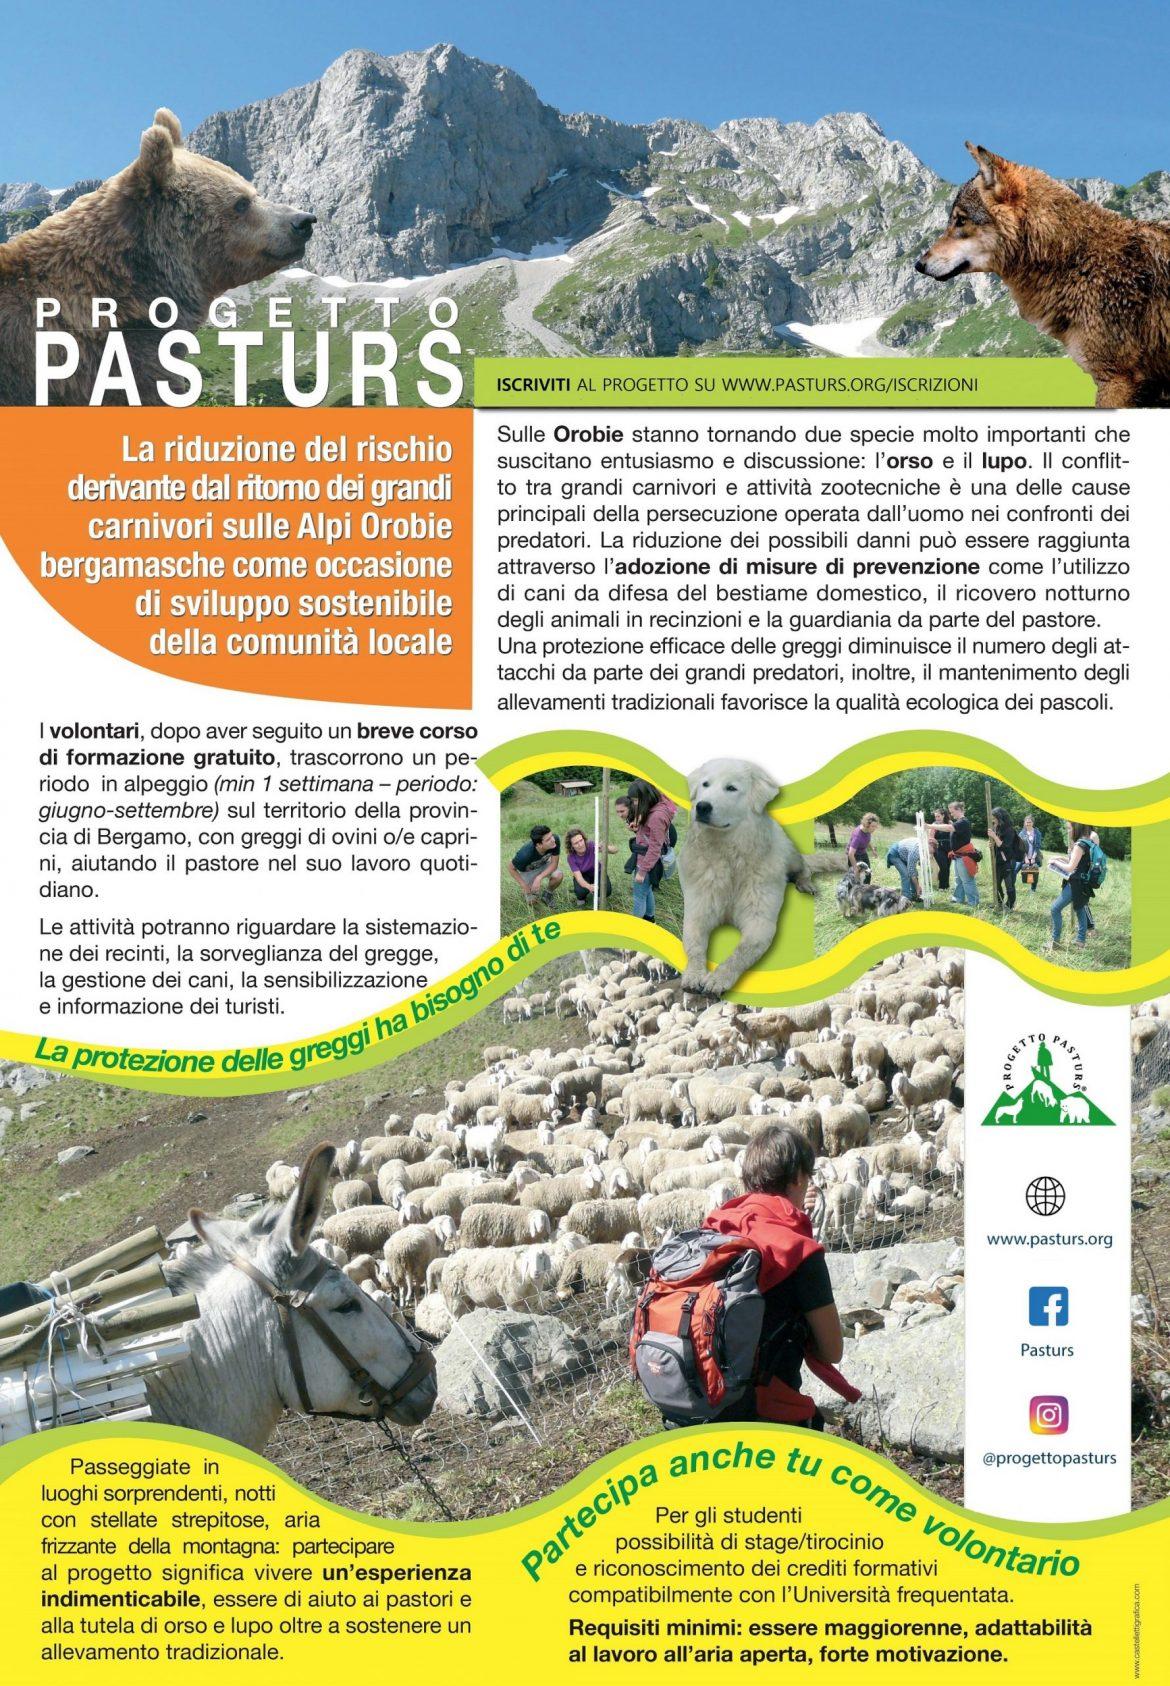 Locandina-Pasturs-2021-scaled.jpg